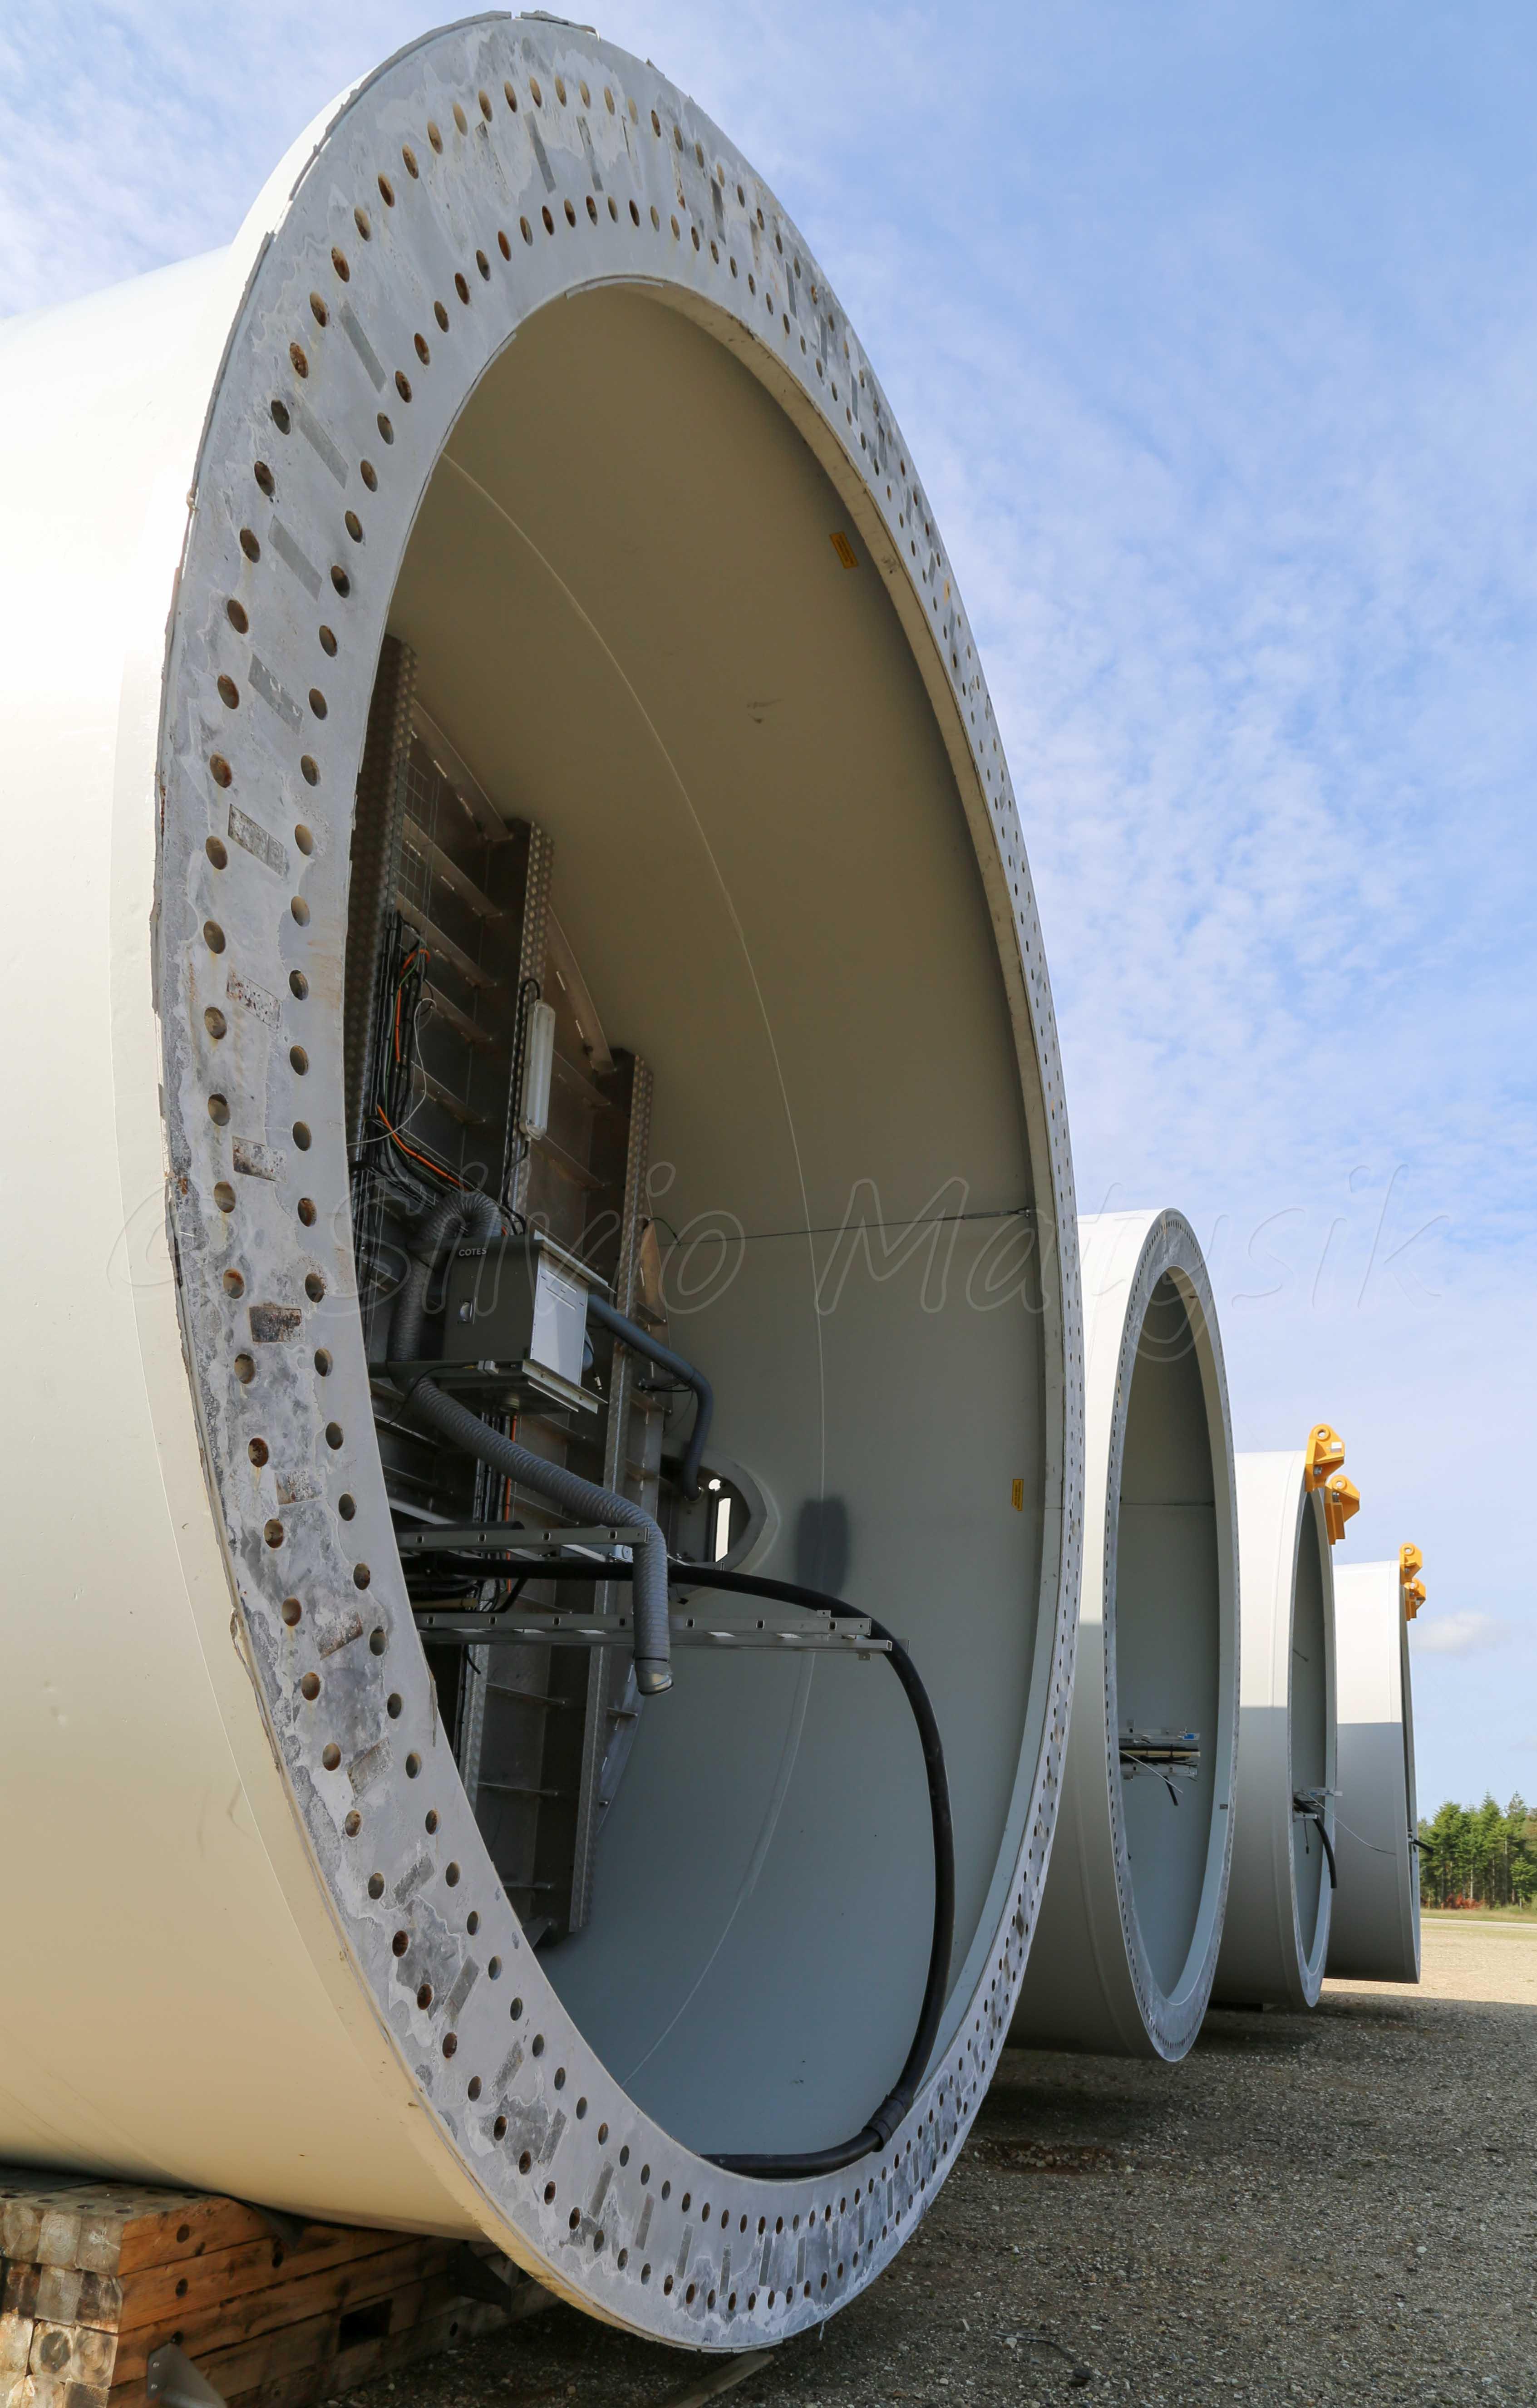 Siemens Swt 8 0 154 8 00 Mw Wind Turbine